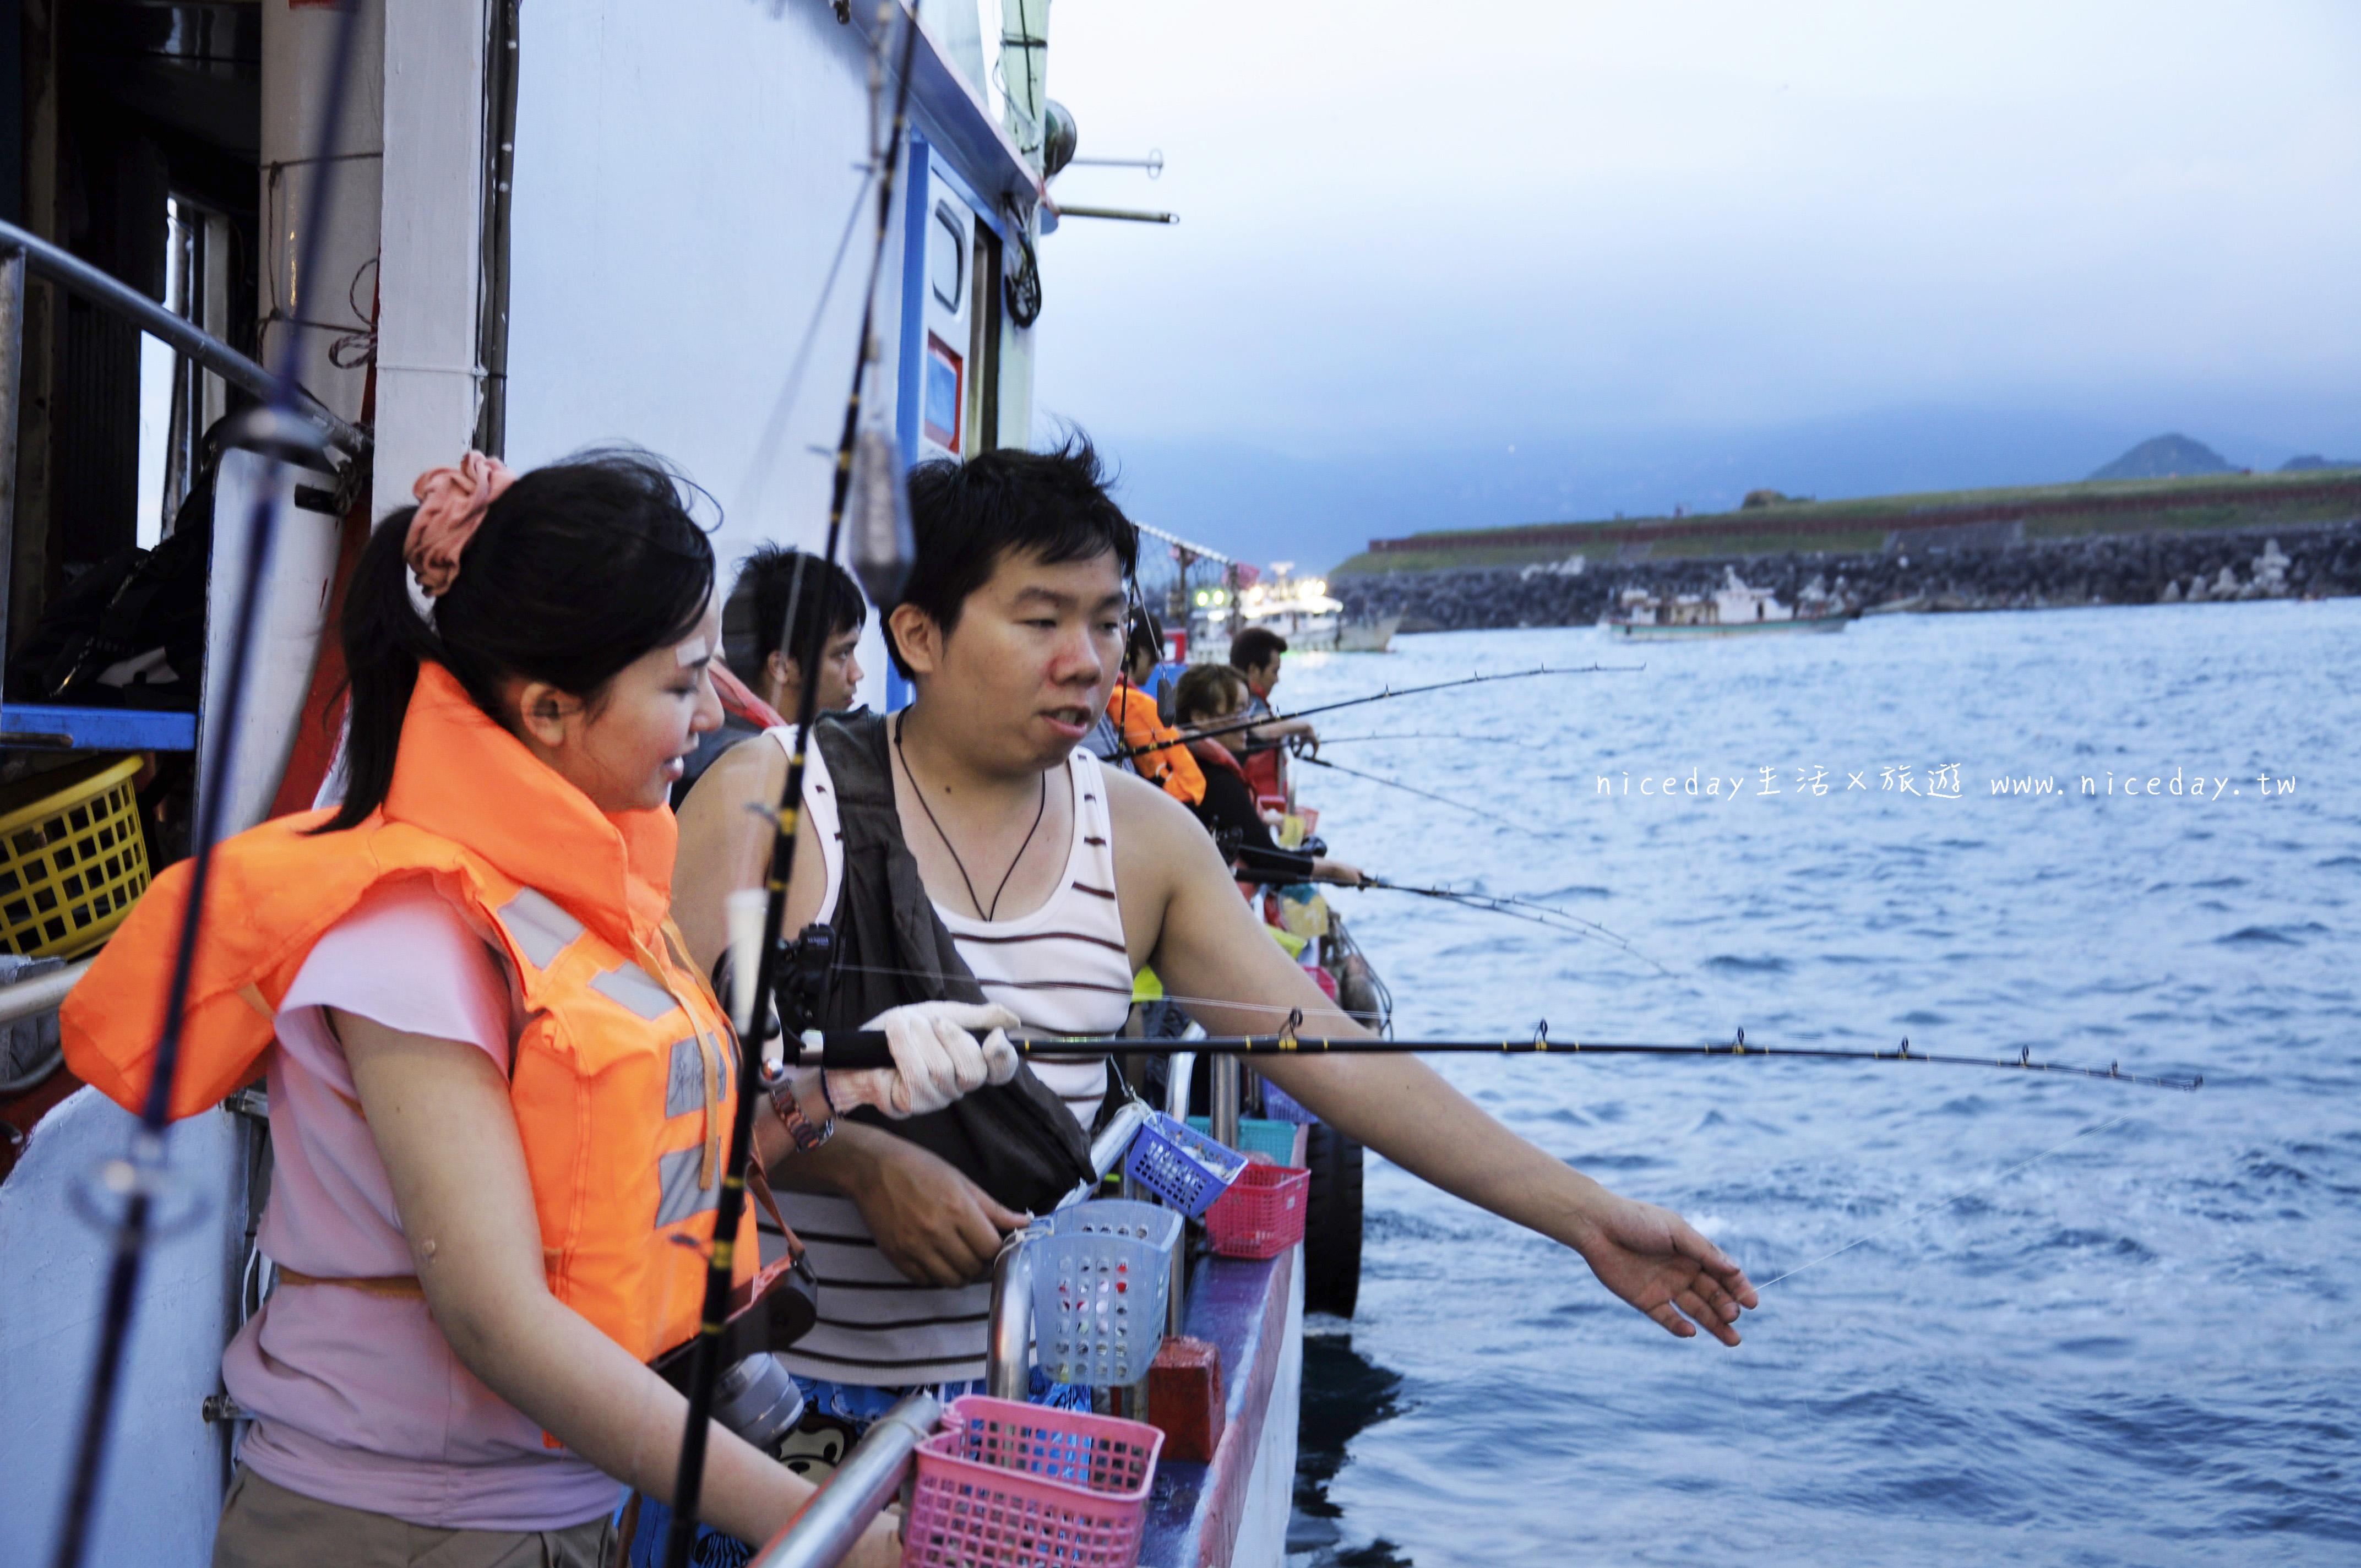 【基隆|夜釣體驗】碧砂漁港出發,海上梟雄白帶魚纏鬥記